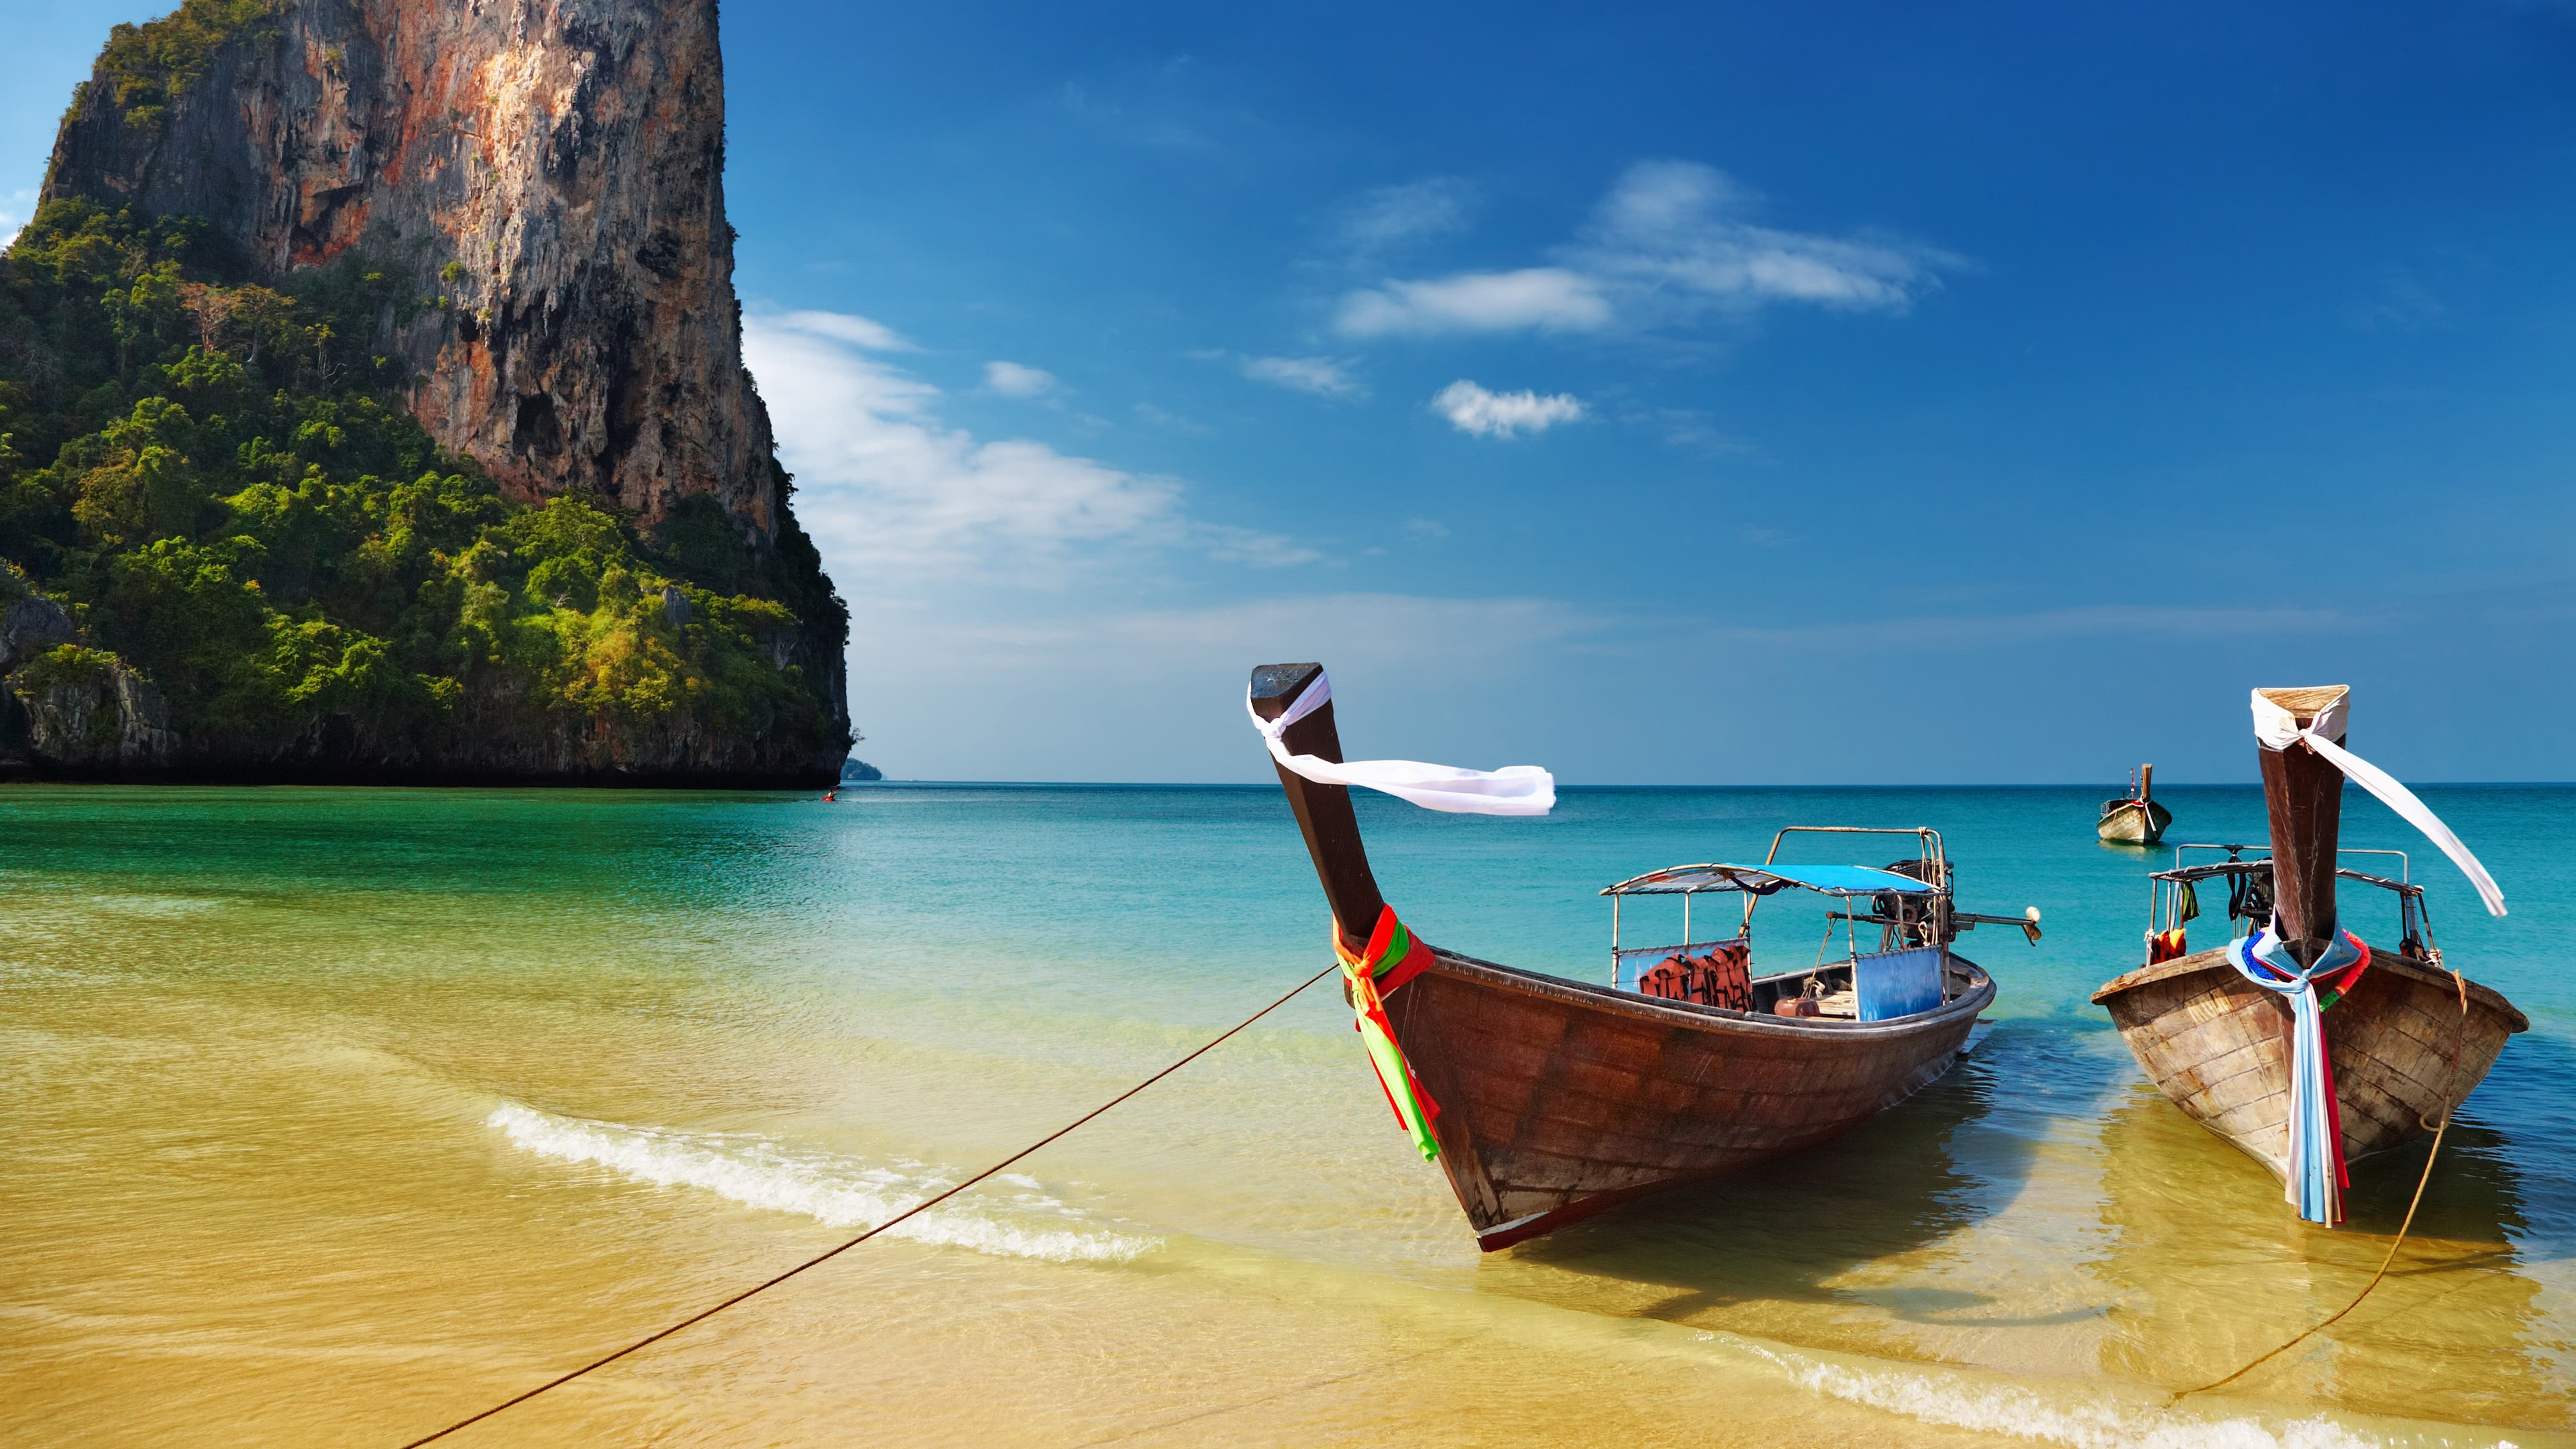 railay beach thailand 4k wallpaper